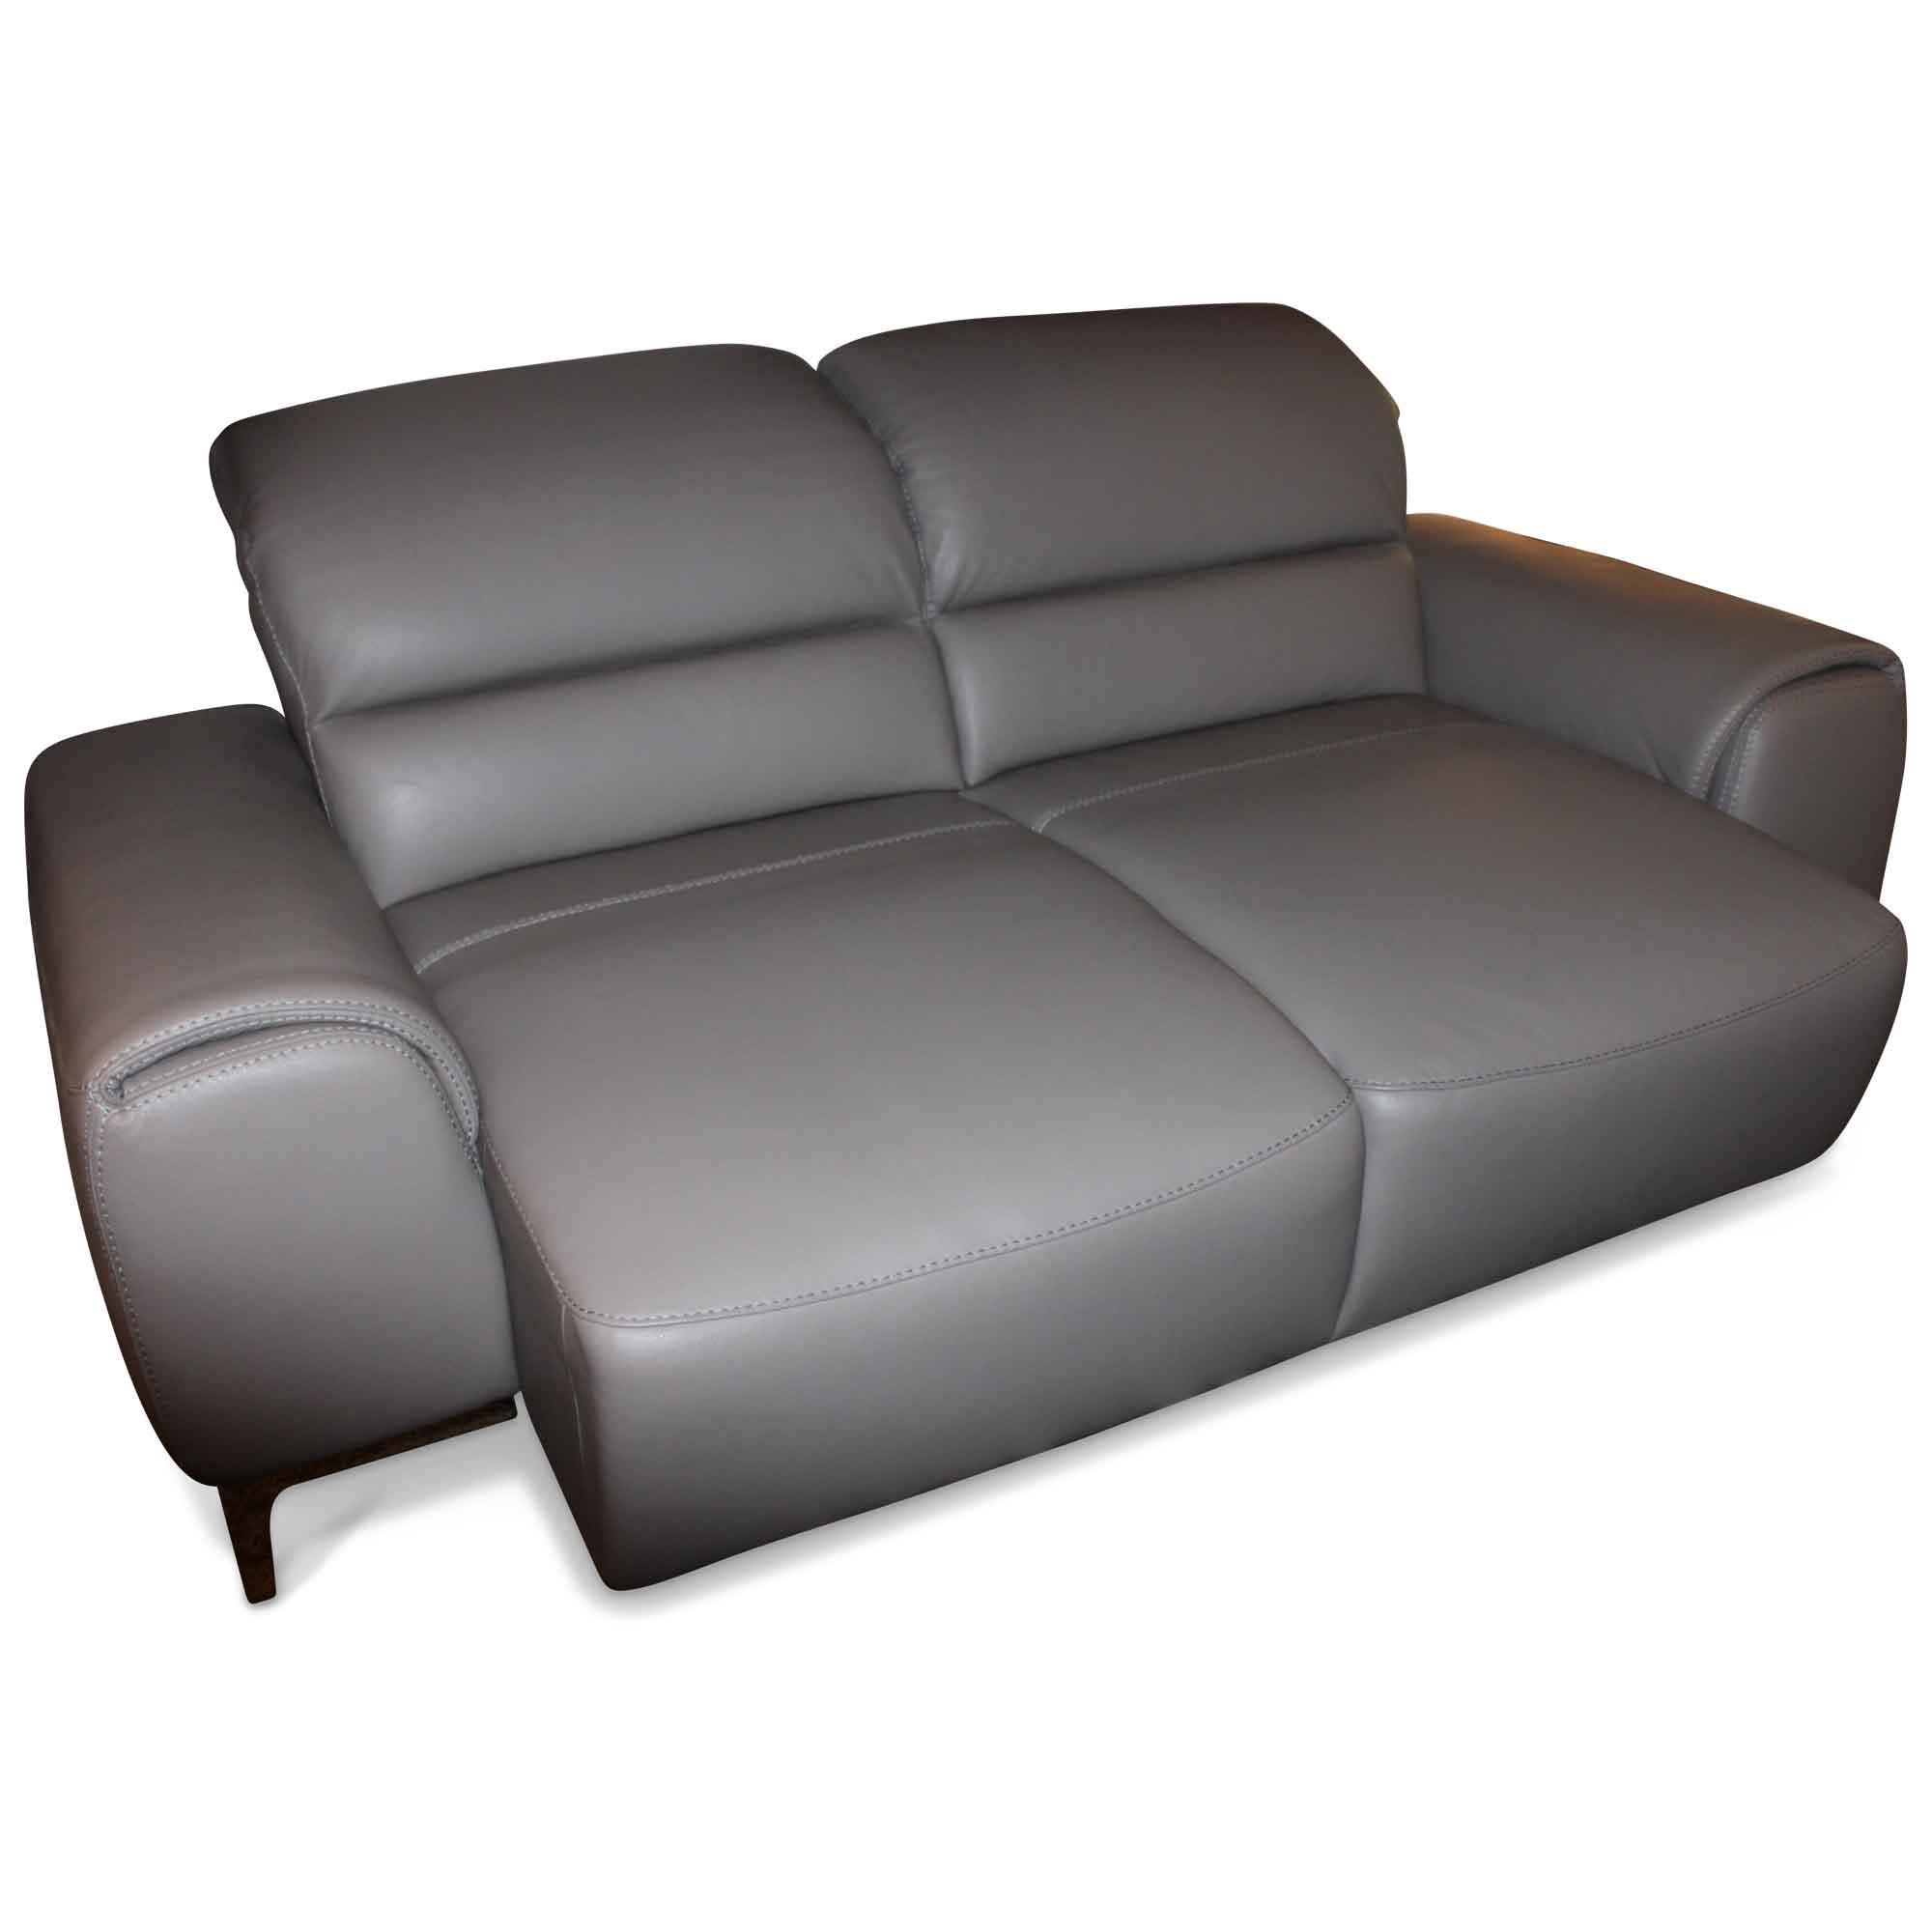 Musterring Designer Garnitur Mr 9100 2 Sitzer 2 Sitzer Leder